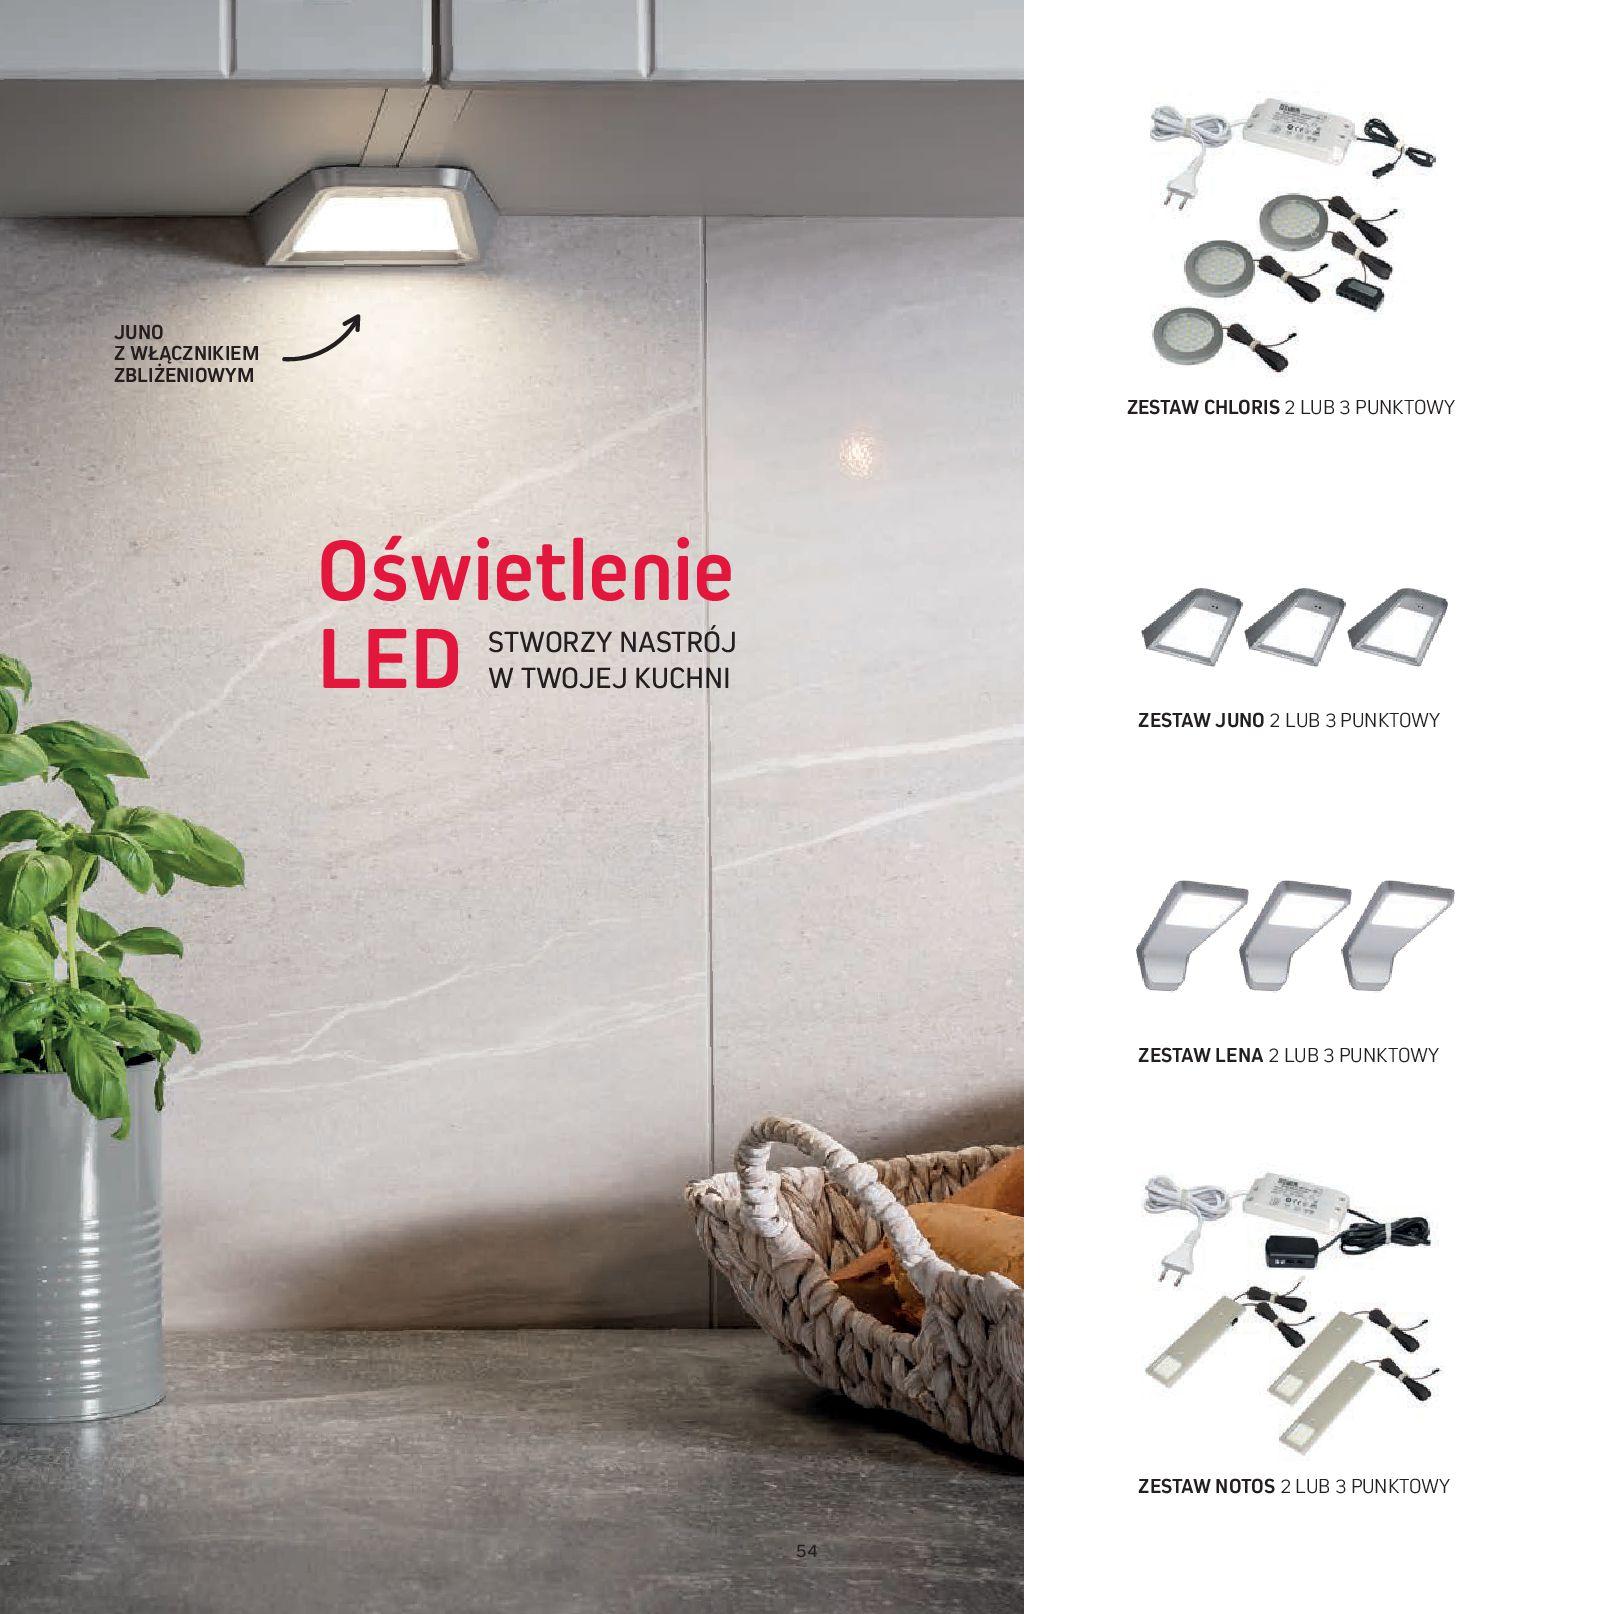 Gazetka Komfort: Gazetka Komfort - Katalog Kuchnie 2021 2021-06-16 page-56